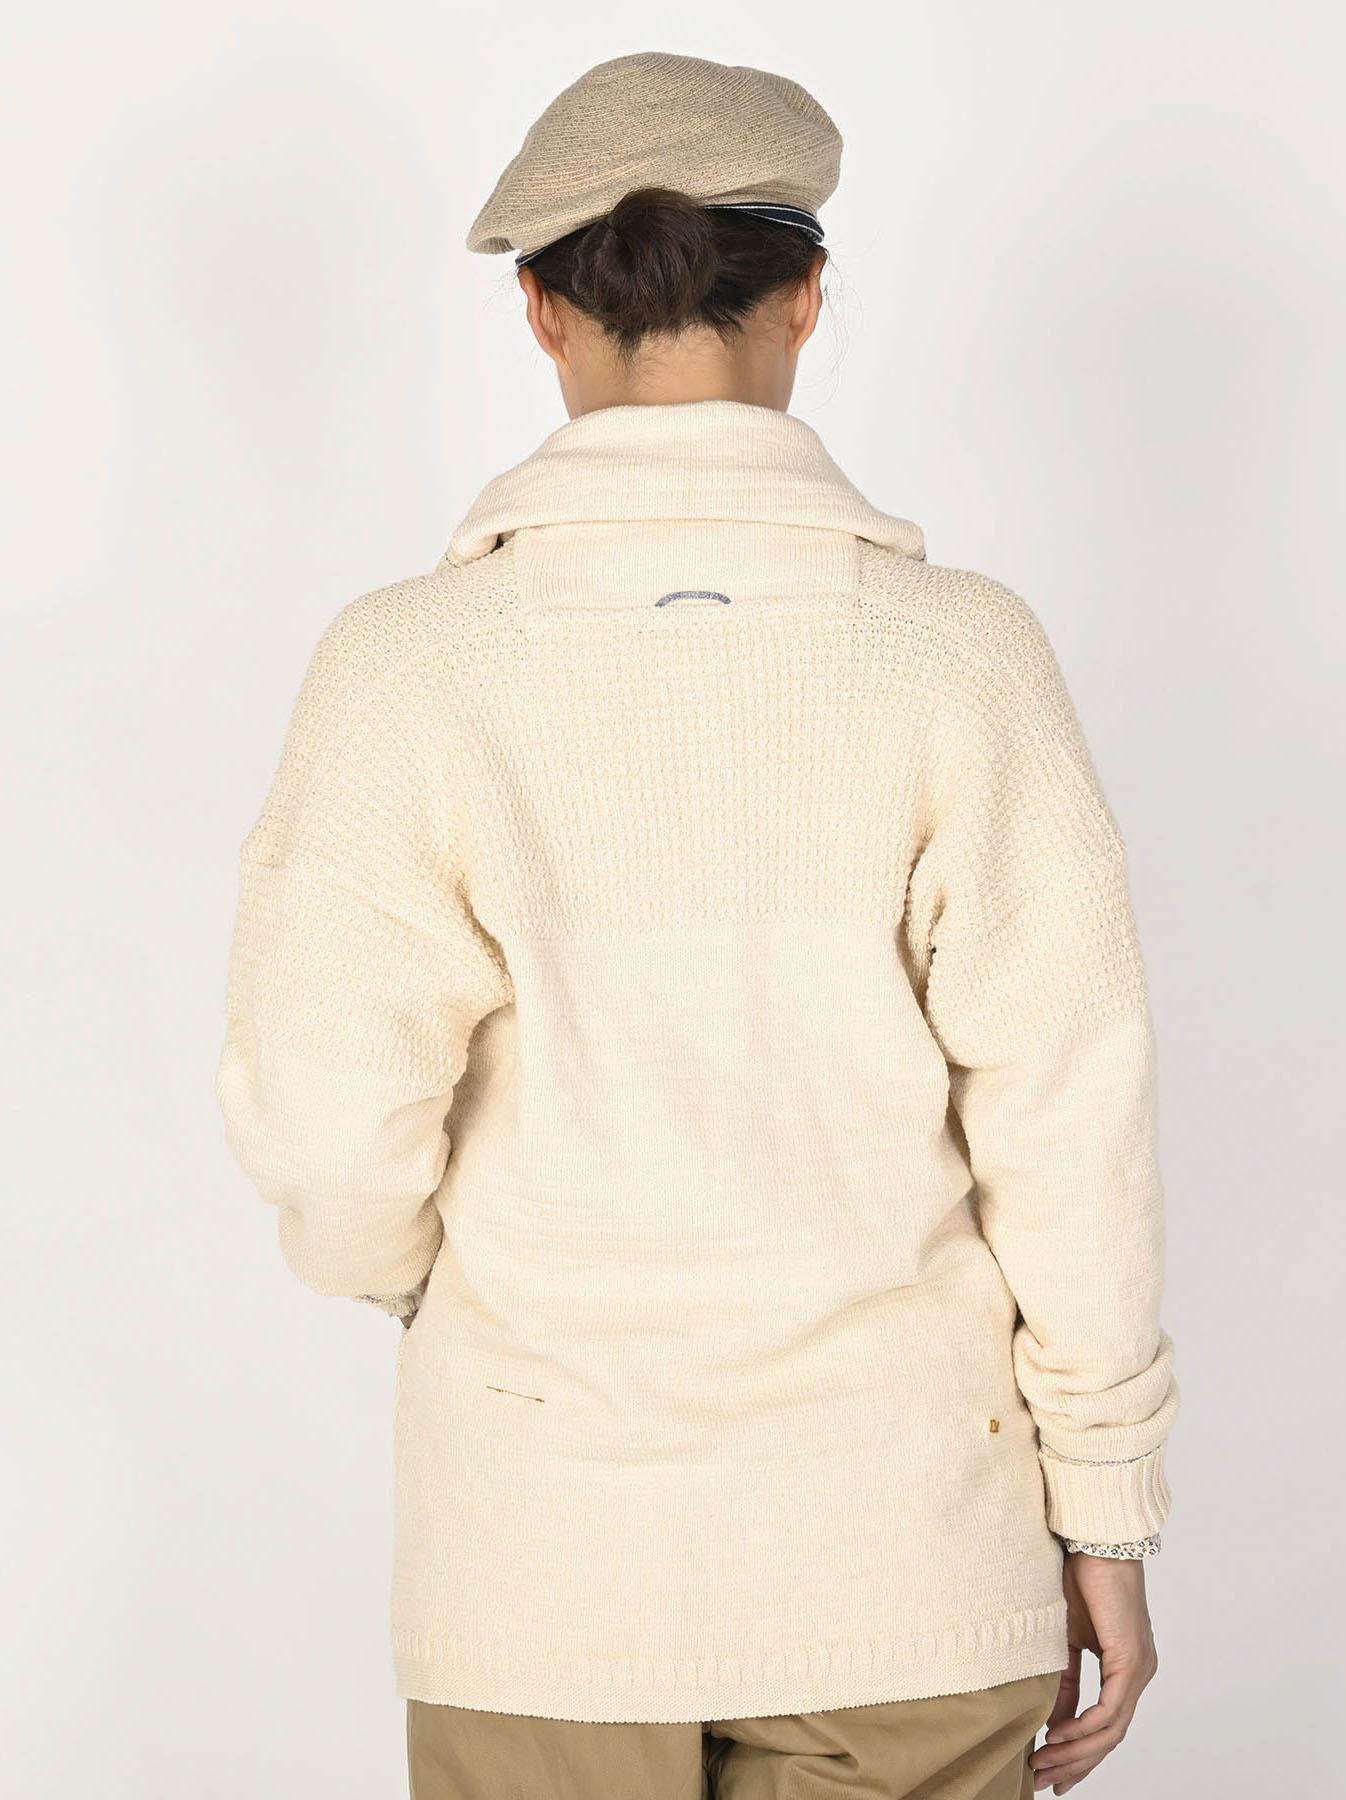 Stretch Knit Shawl Collar 908 Blouson-5